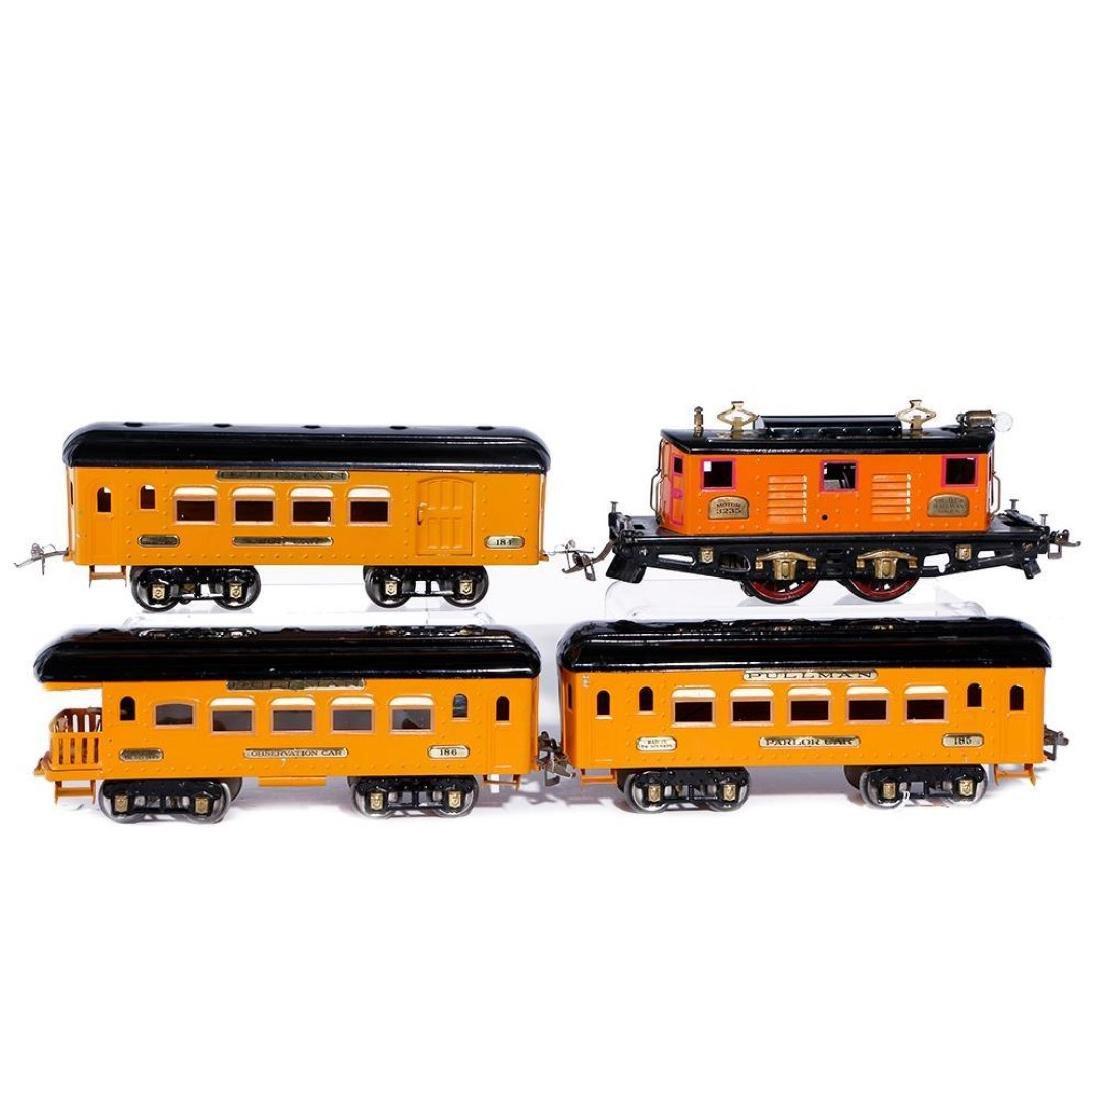 Ives Standard Gauge 3235 Locomotive, Passenger Set